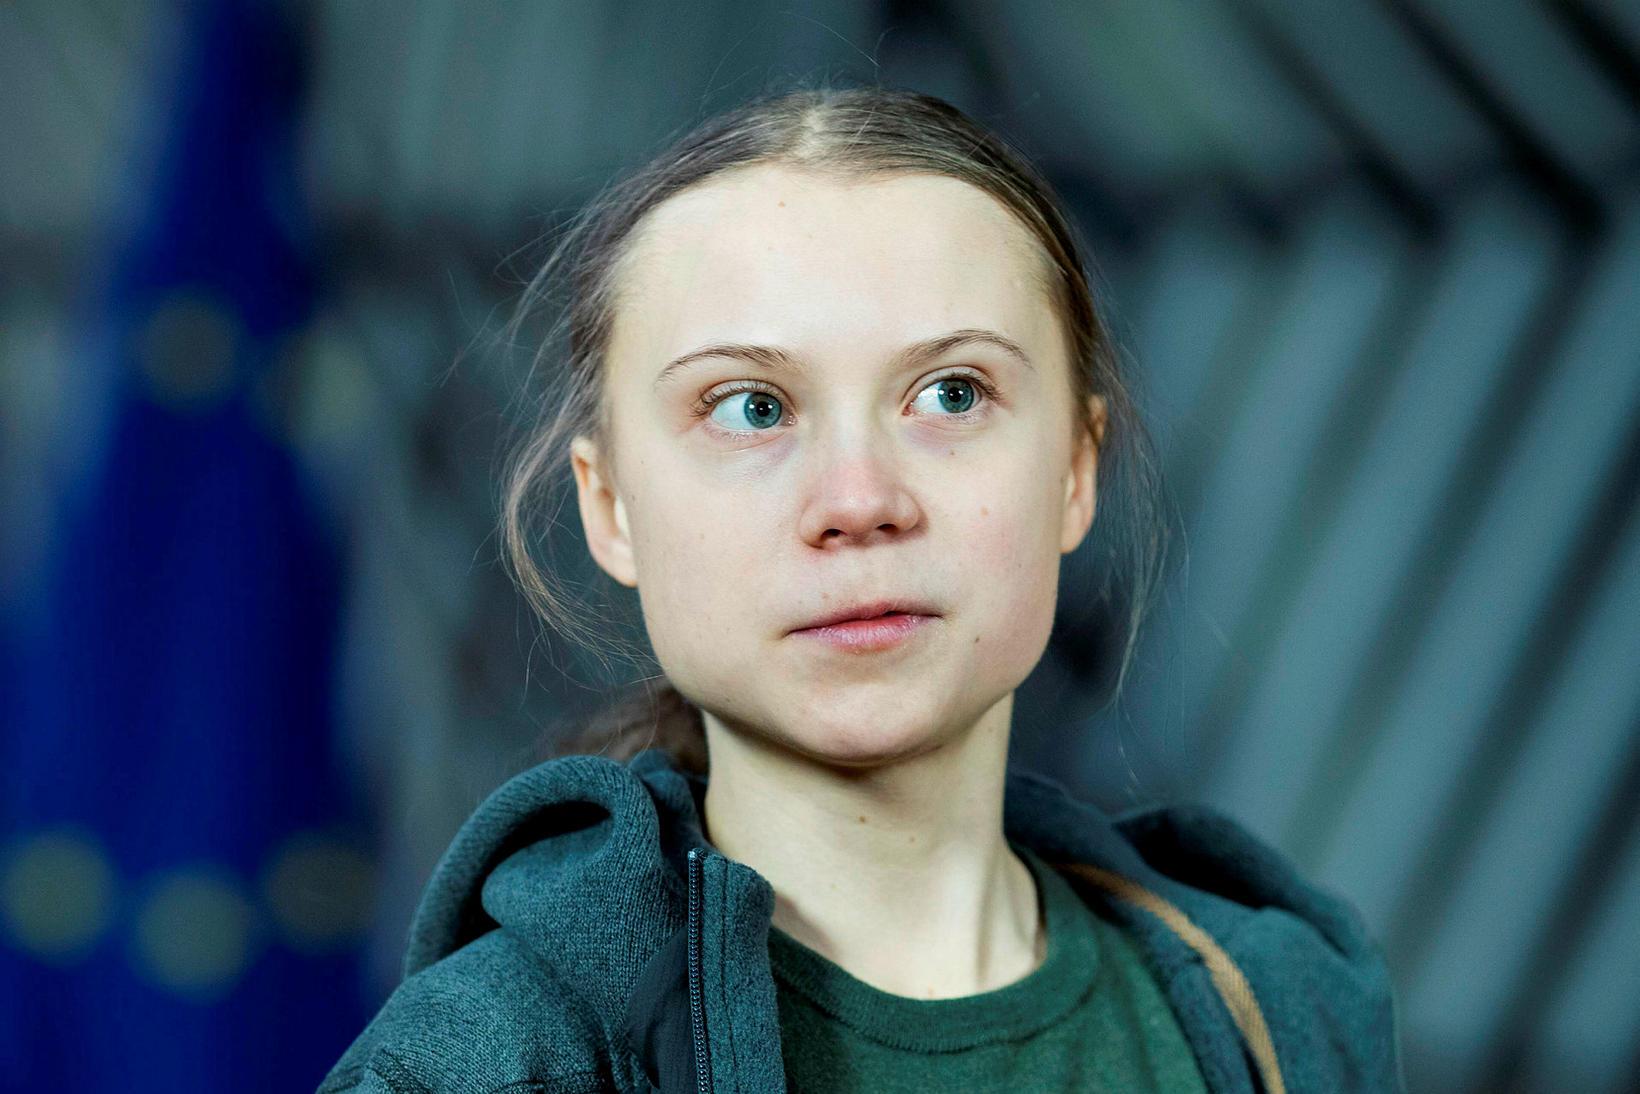 Greta Thunberg hefur staðið fyrir loftslagsmótmælum víðs vegar um heiminn …